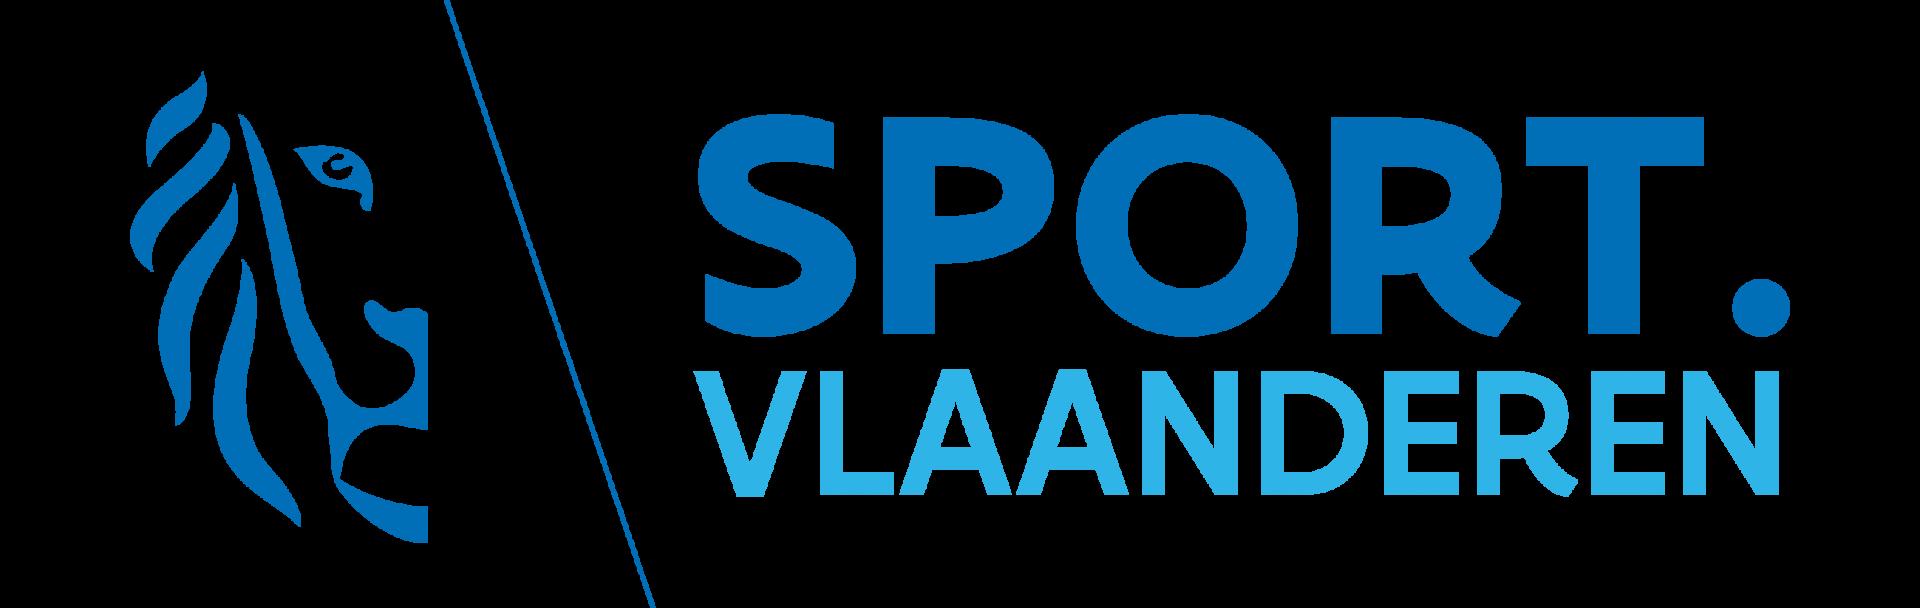 003 LogoSportVlaanderen_partner